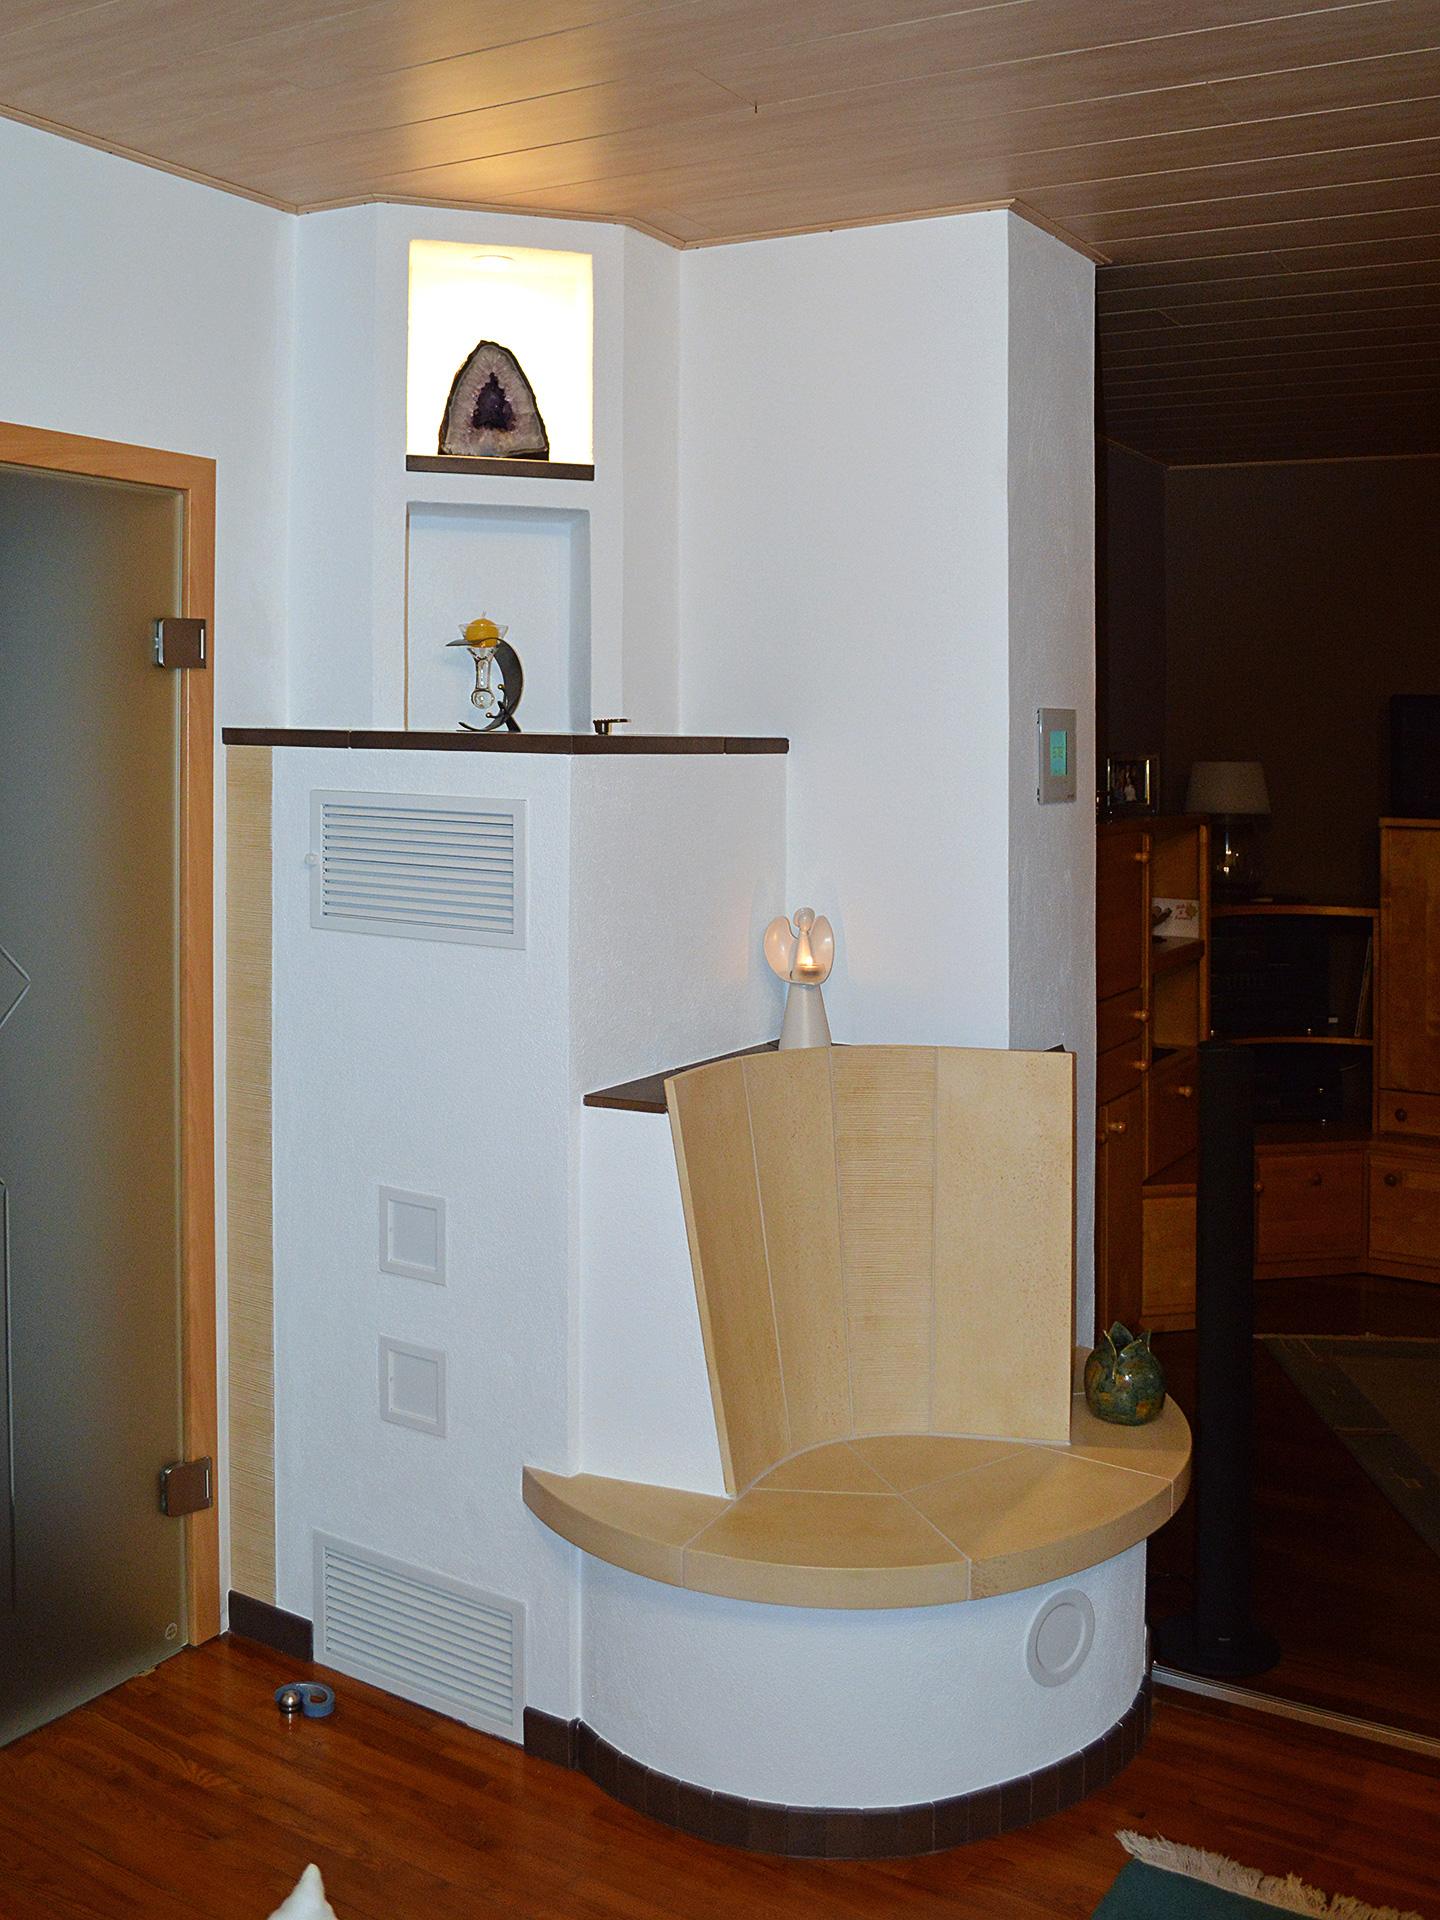 Referenz Ofen- und Kaminbau, Bild 0180